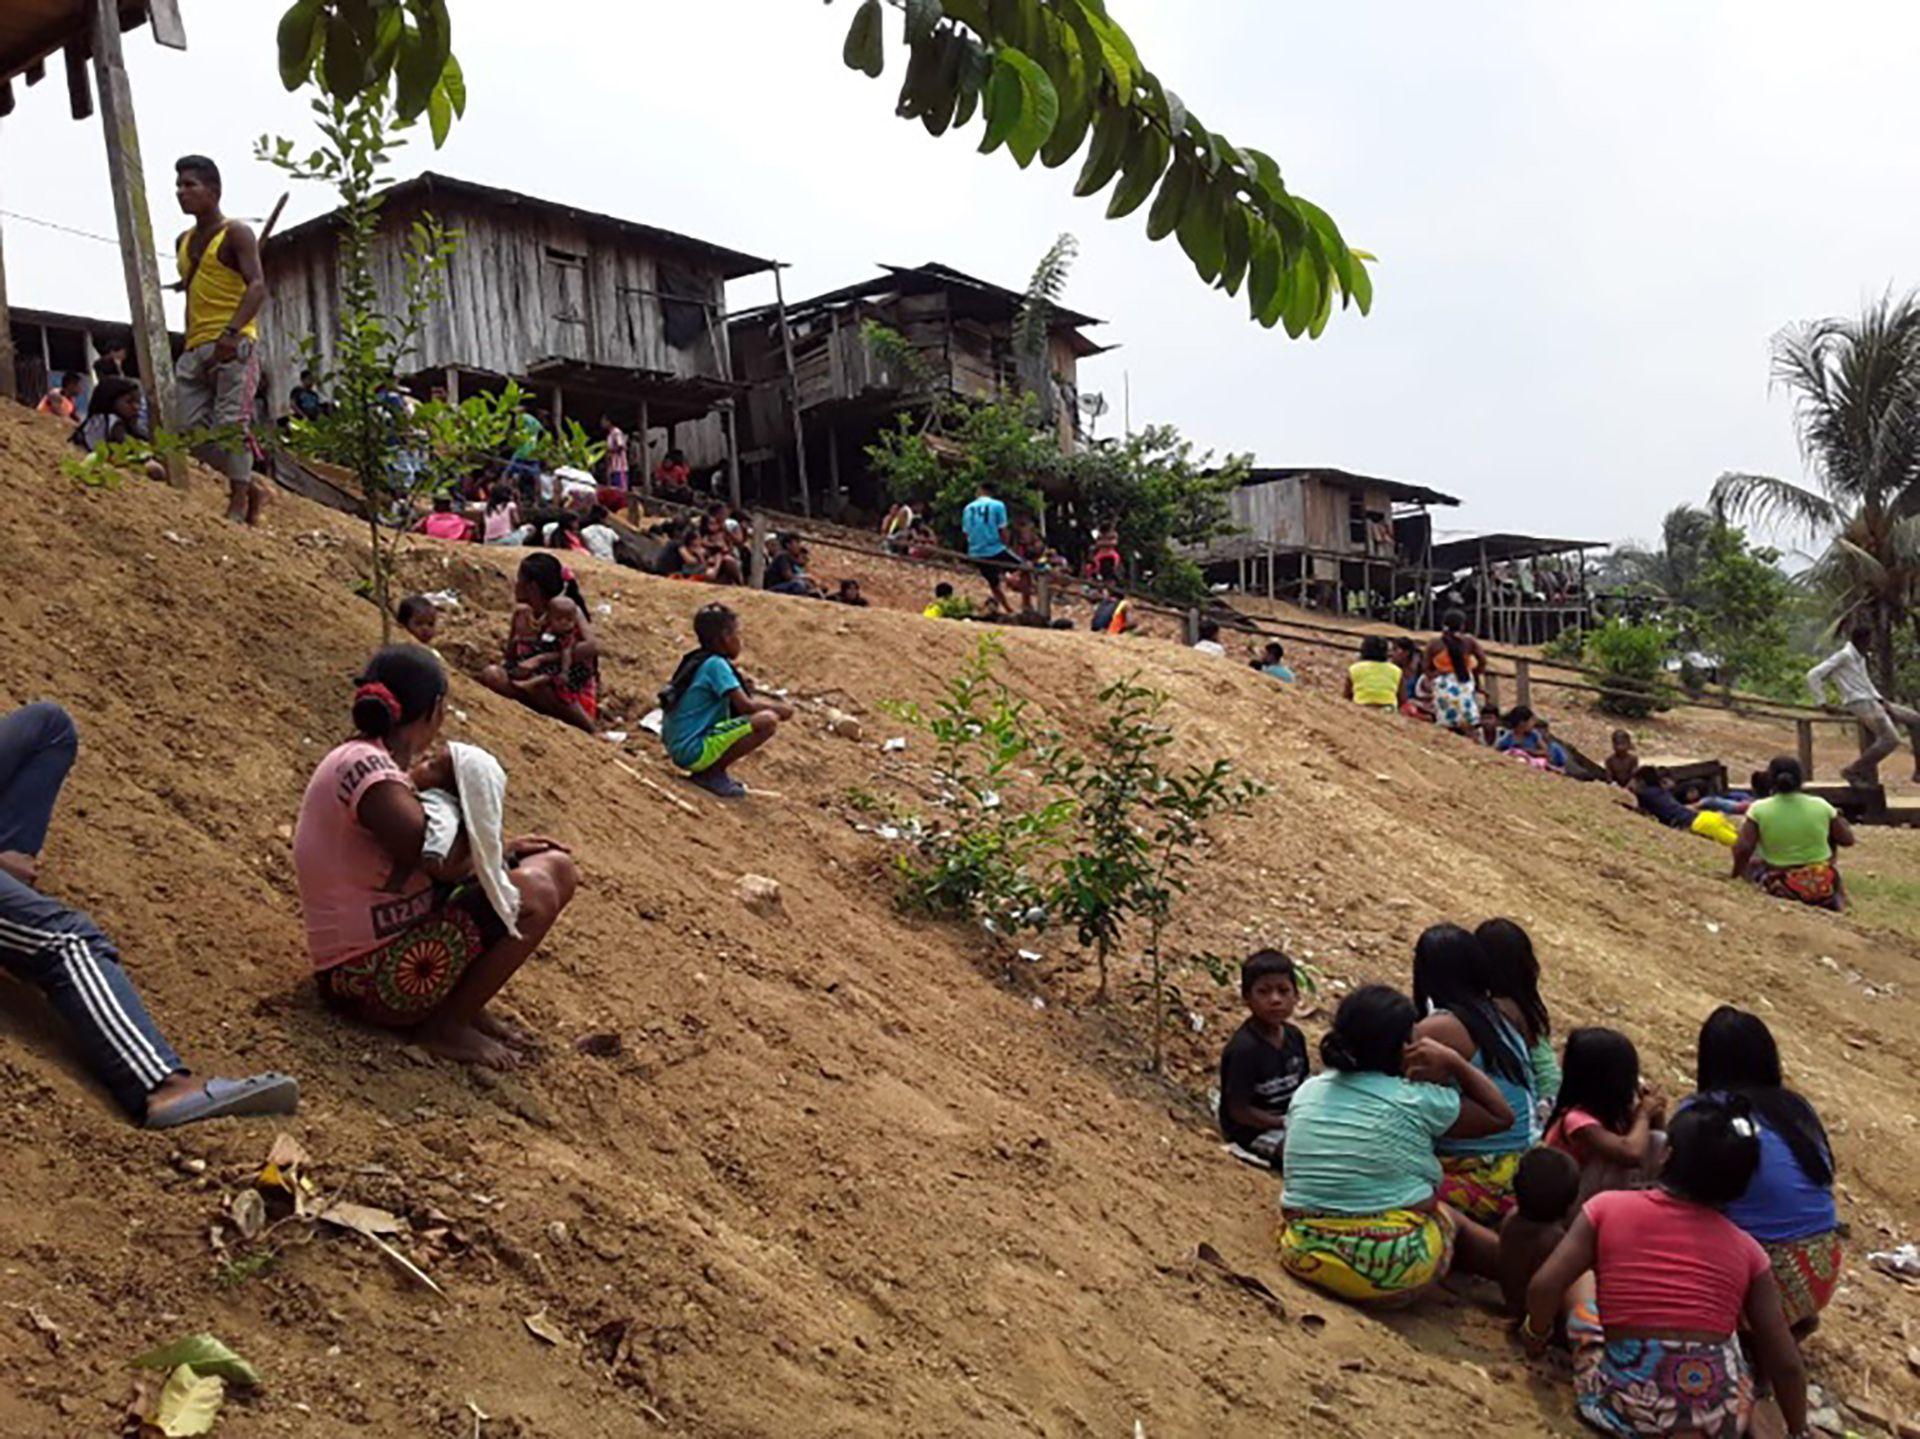 En comunidades indígenas de Guerrero, Chiapas y Oaxaca persiste la venta de niñas y adolescentes. Foto: Archivo